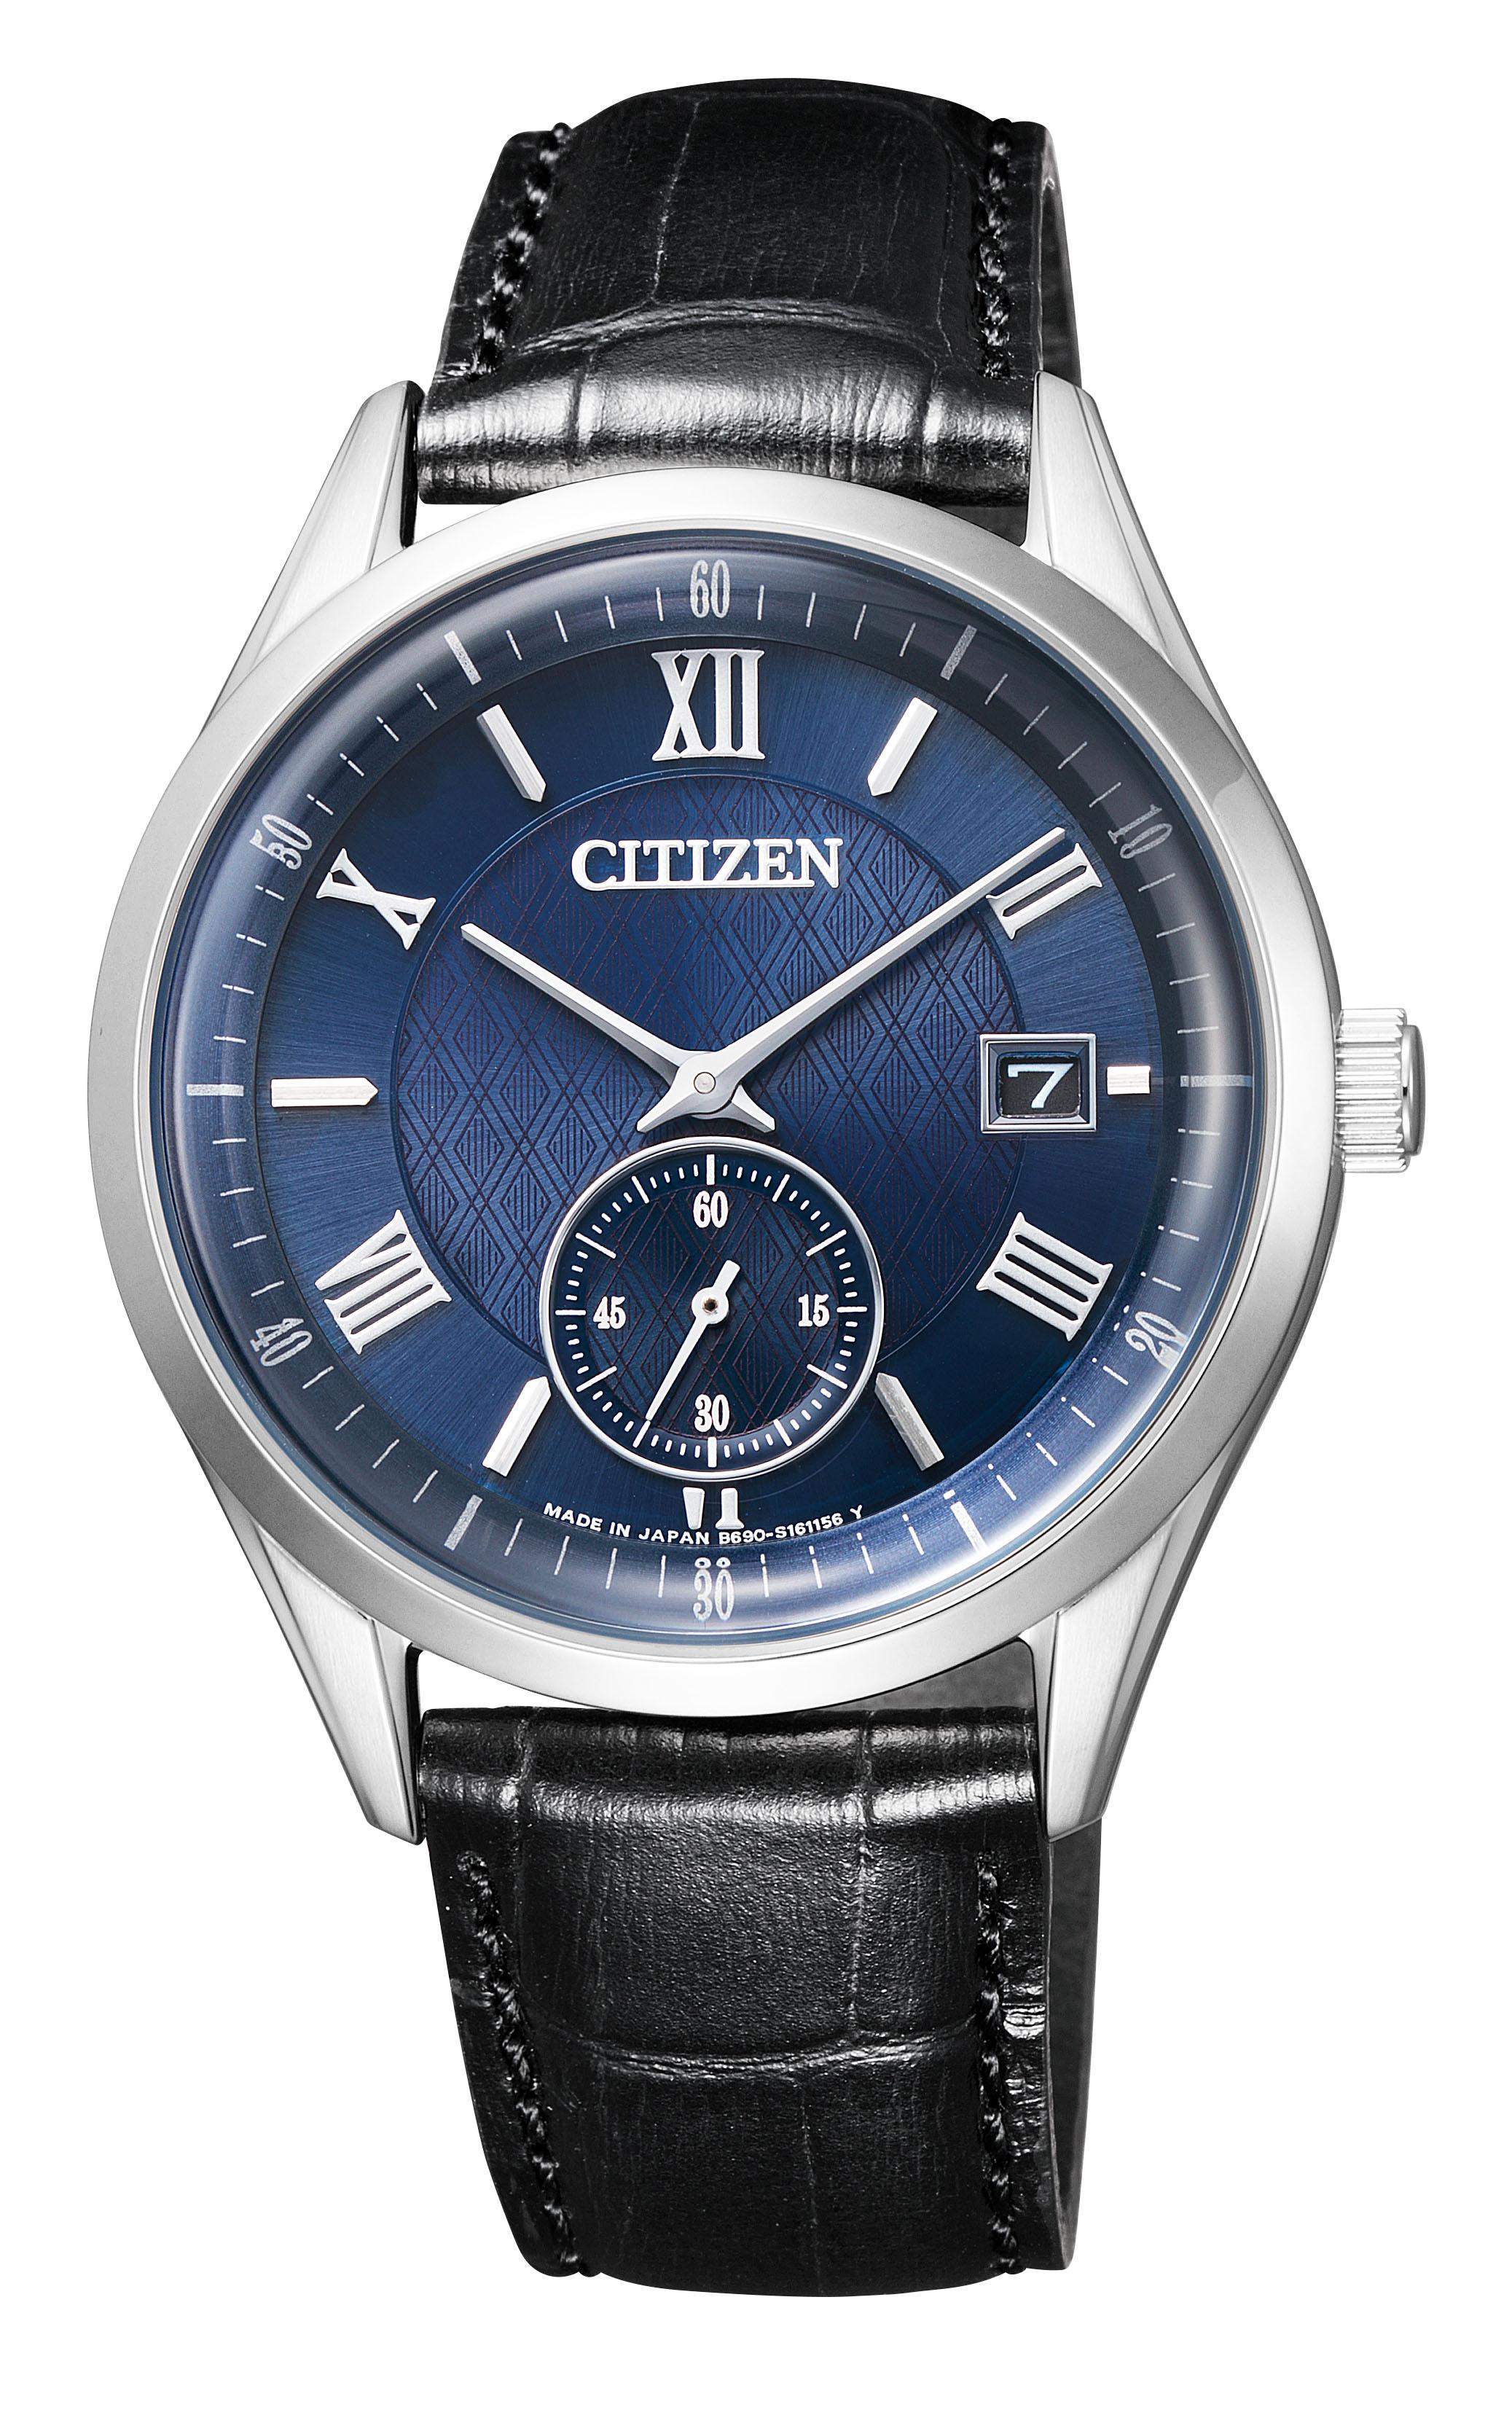 [シチズン時計]腕時計 シチズンコレクションBV1120-15Lの商品画像